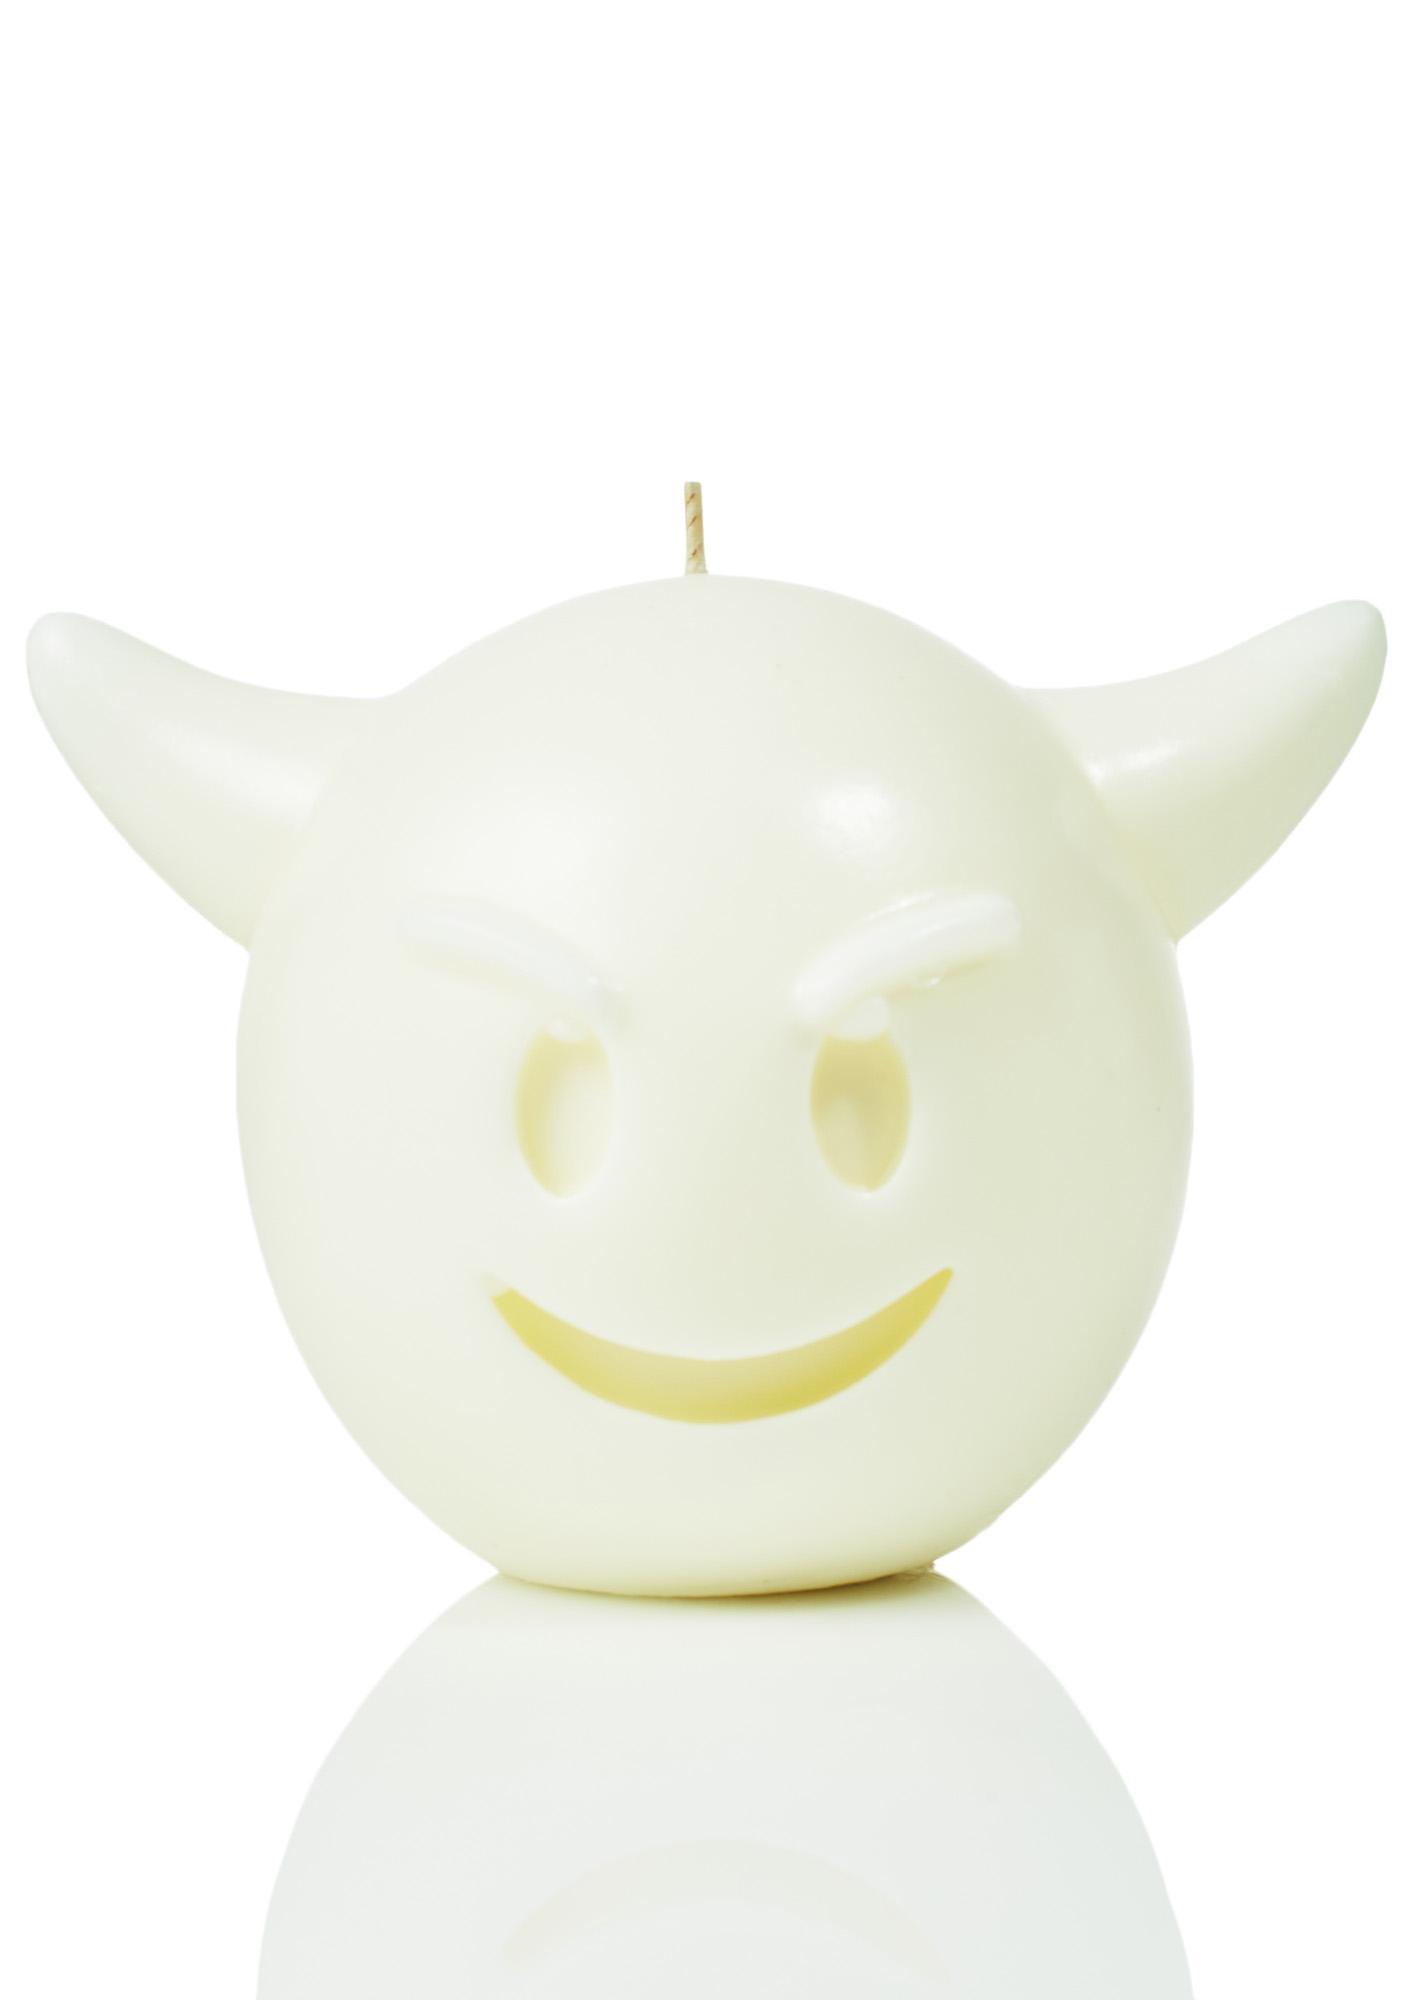 Fiendish Emoji Face Candle